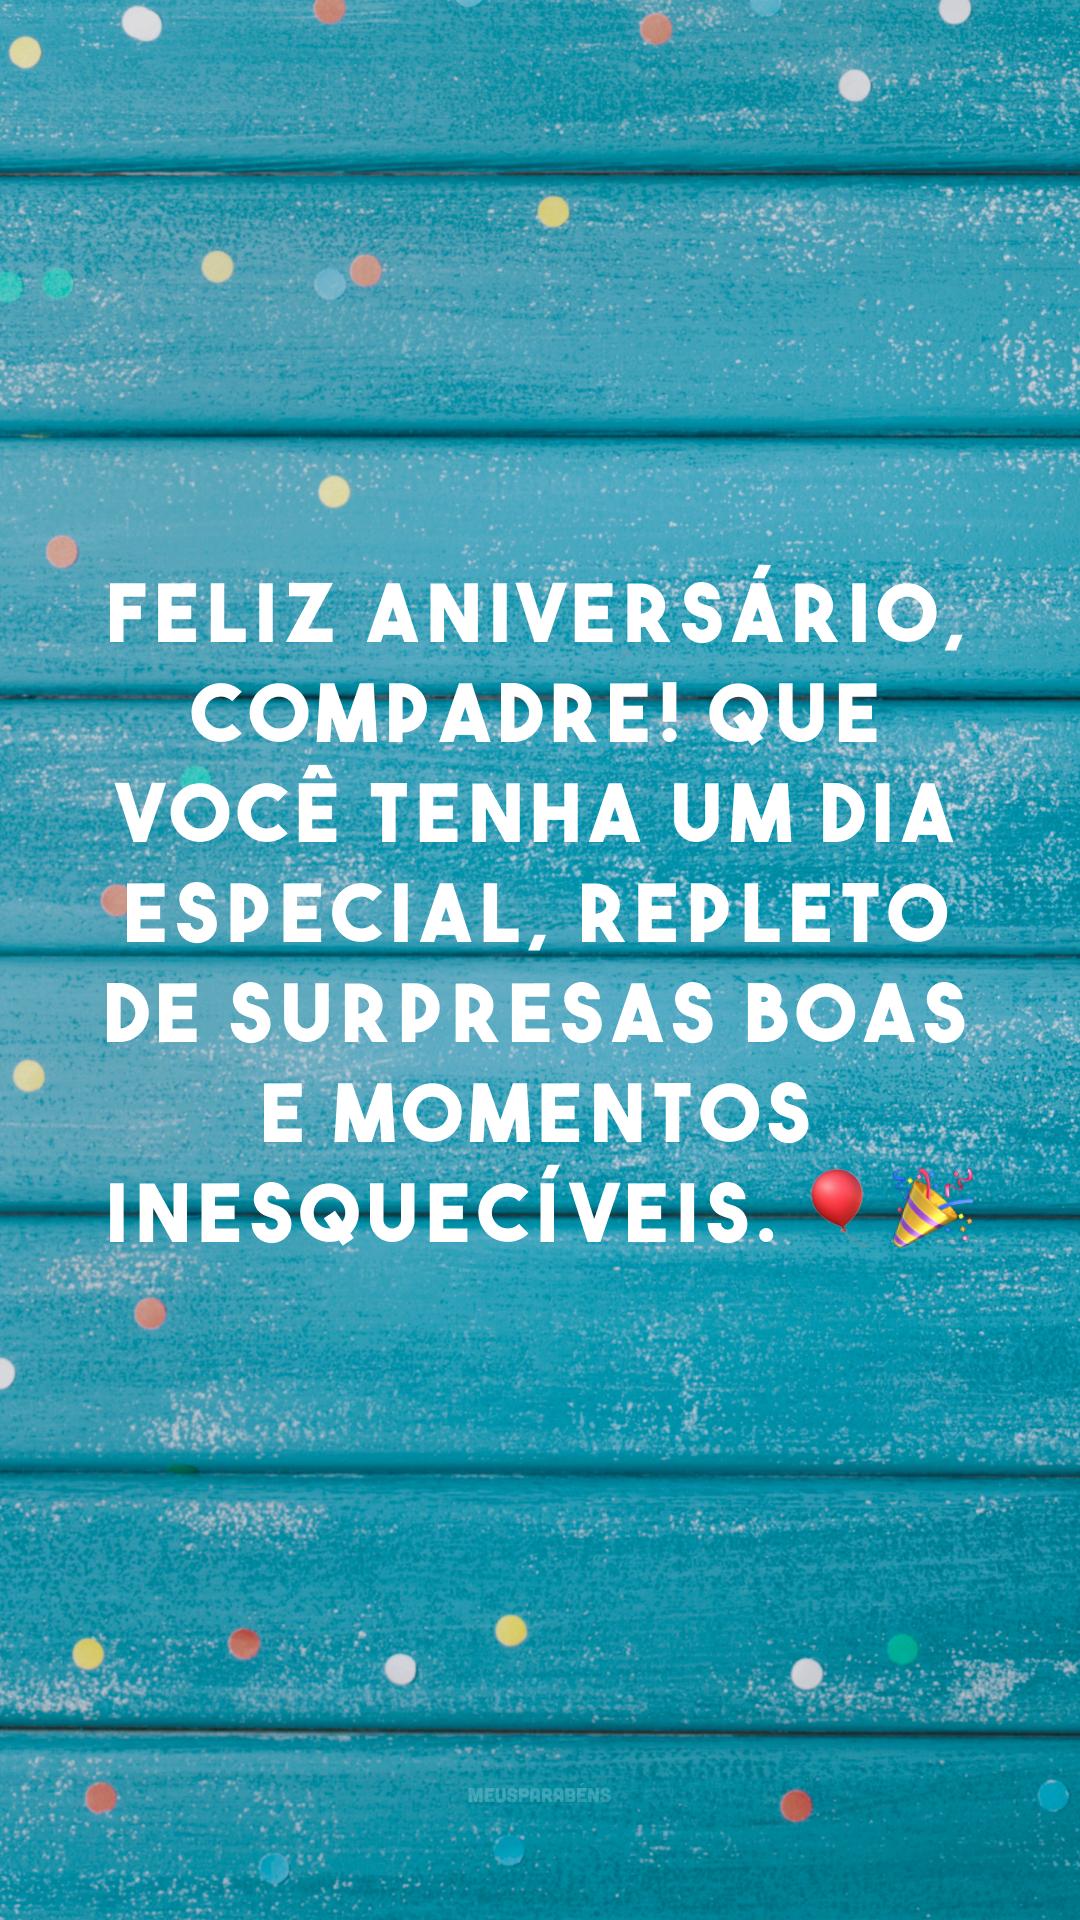 Feliz aniversário, compadre! Que você tenha um dia especial, repleto de surpresas boas e momentos inesquecíveis. 🎈🎉